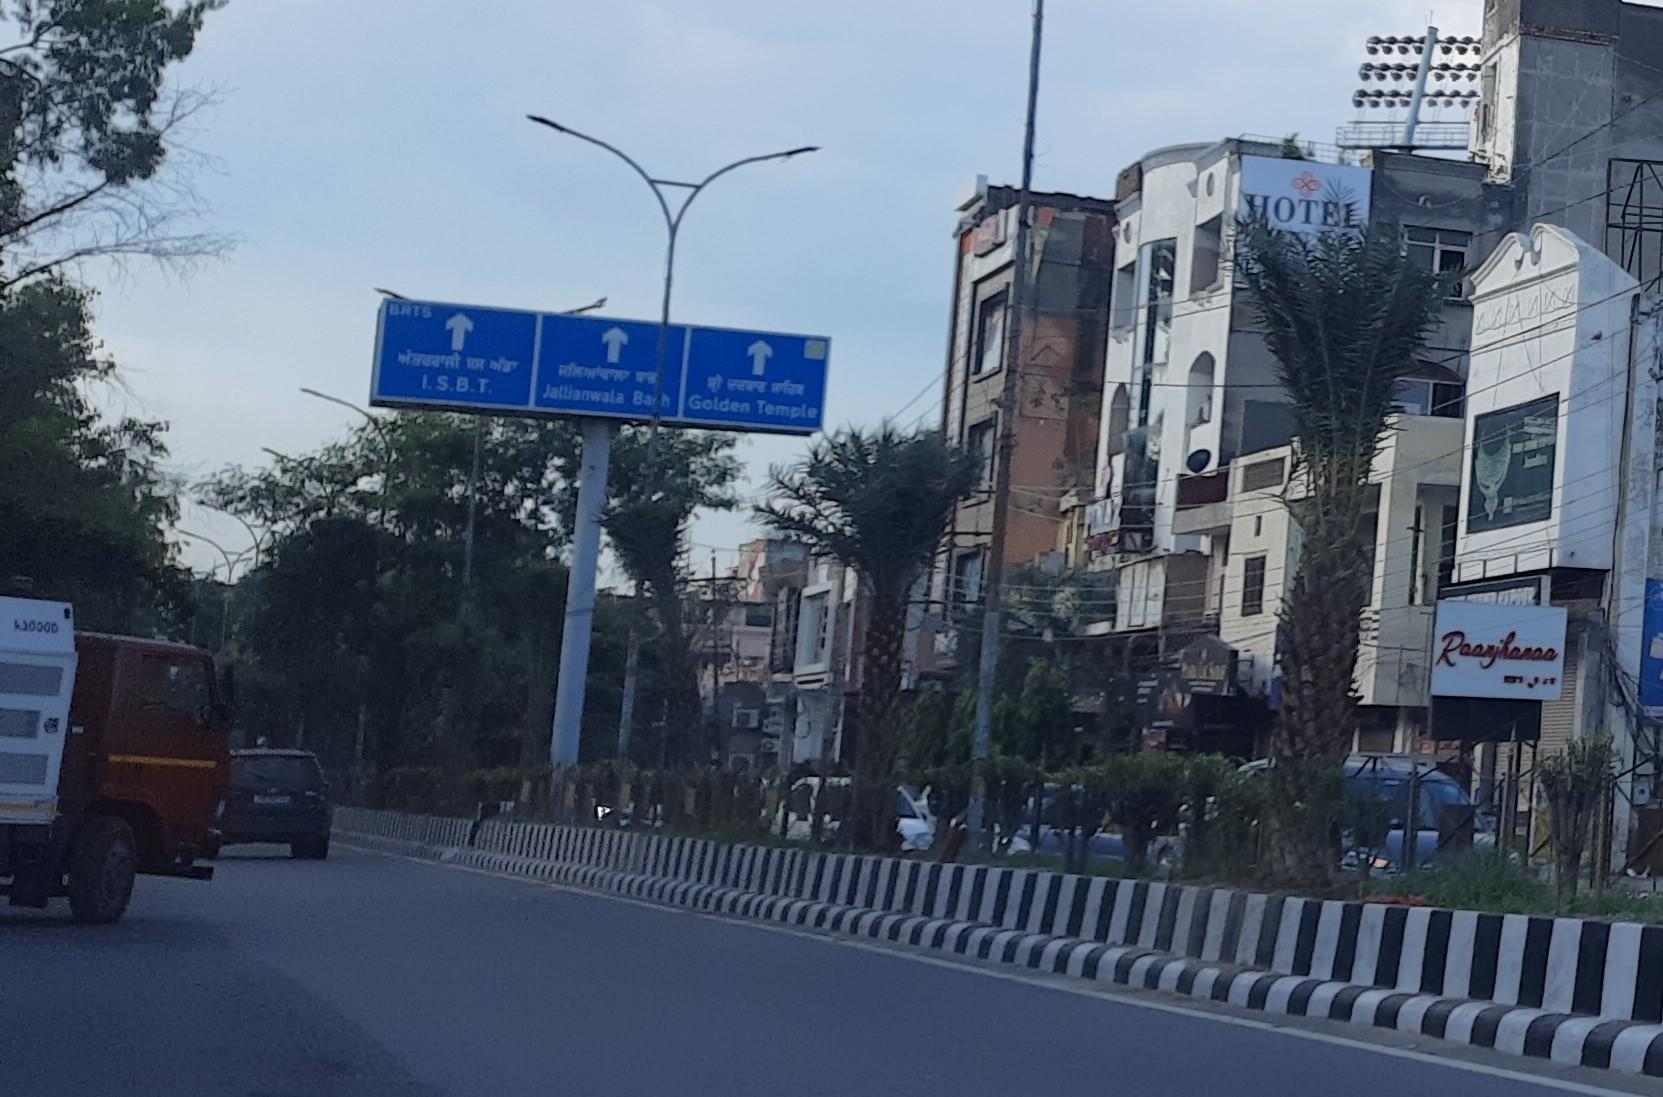 स्मार्ट सिटी प्रोजेक्ट के तहत 3 मुख्य मार्गों का किया सौंदर्यीकरण, लेकिन क्या पेड़ फल-फूल सकेंगे... उठने लगे सवाल|अमृतसर,Amritsar - Dainik Bhaskar